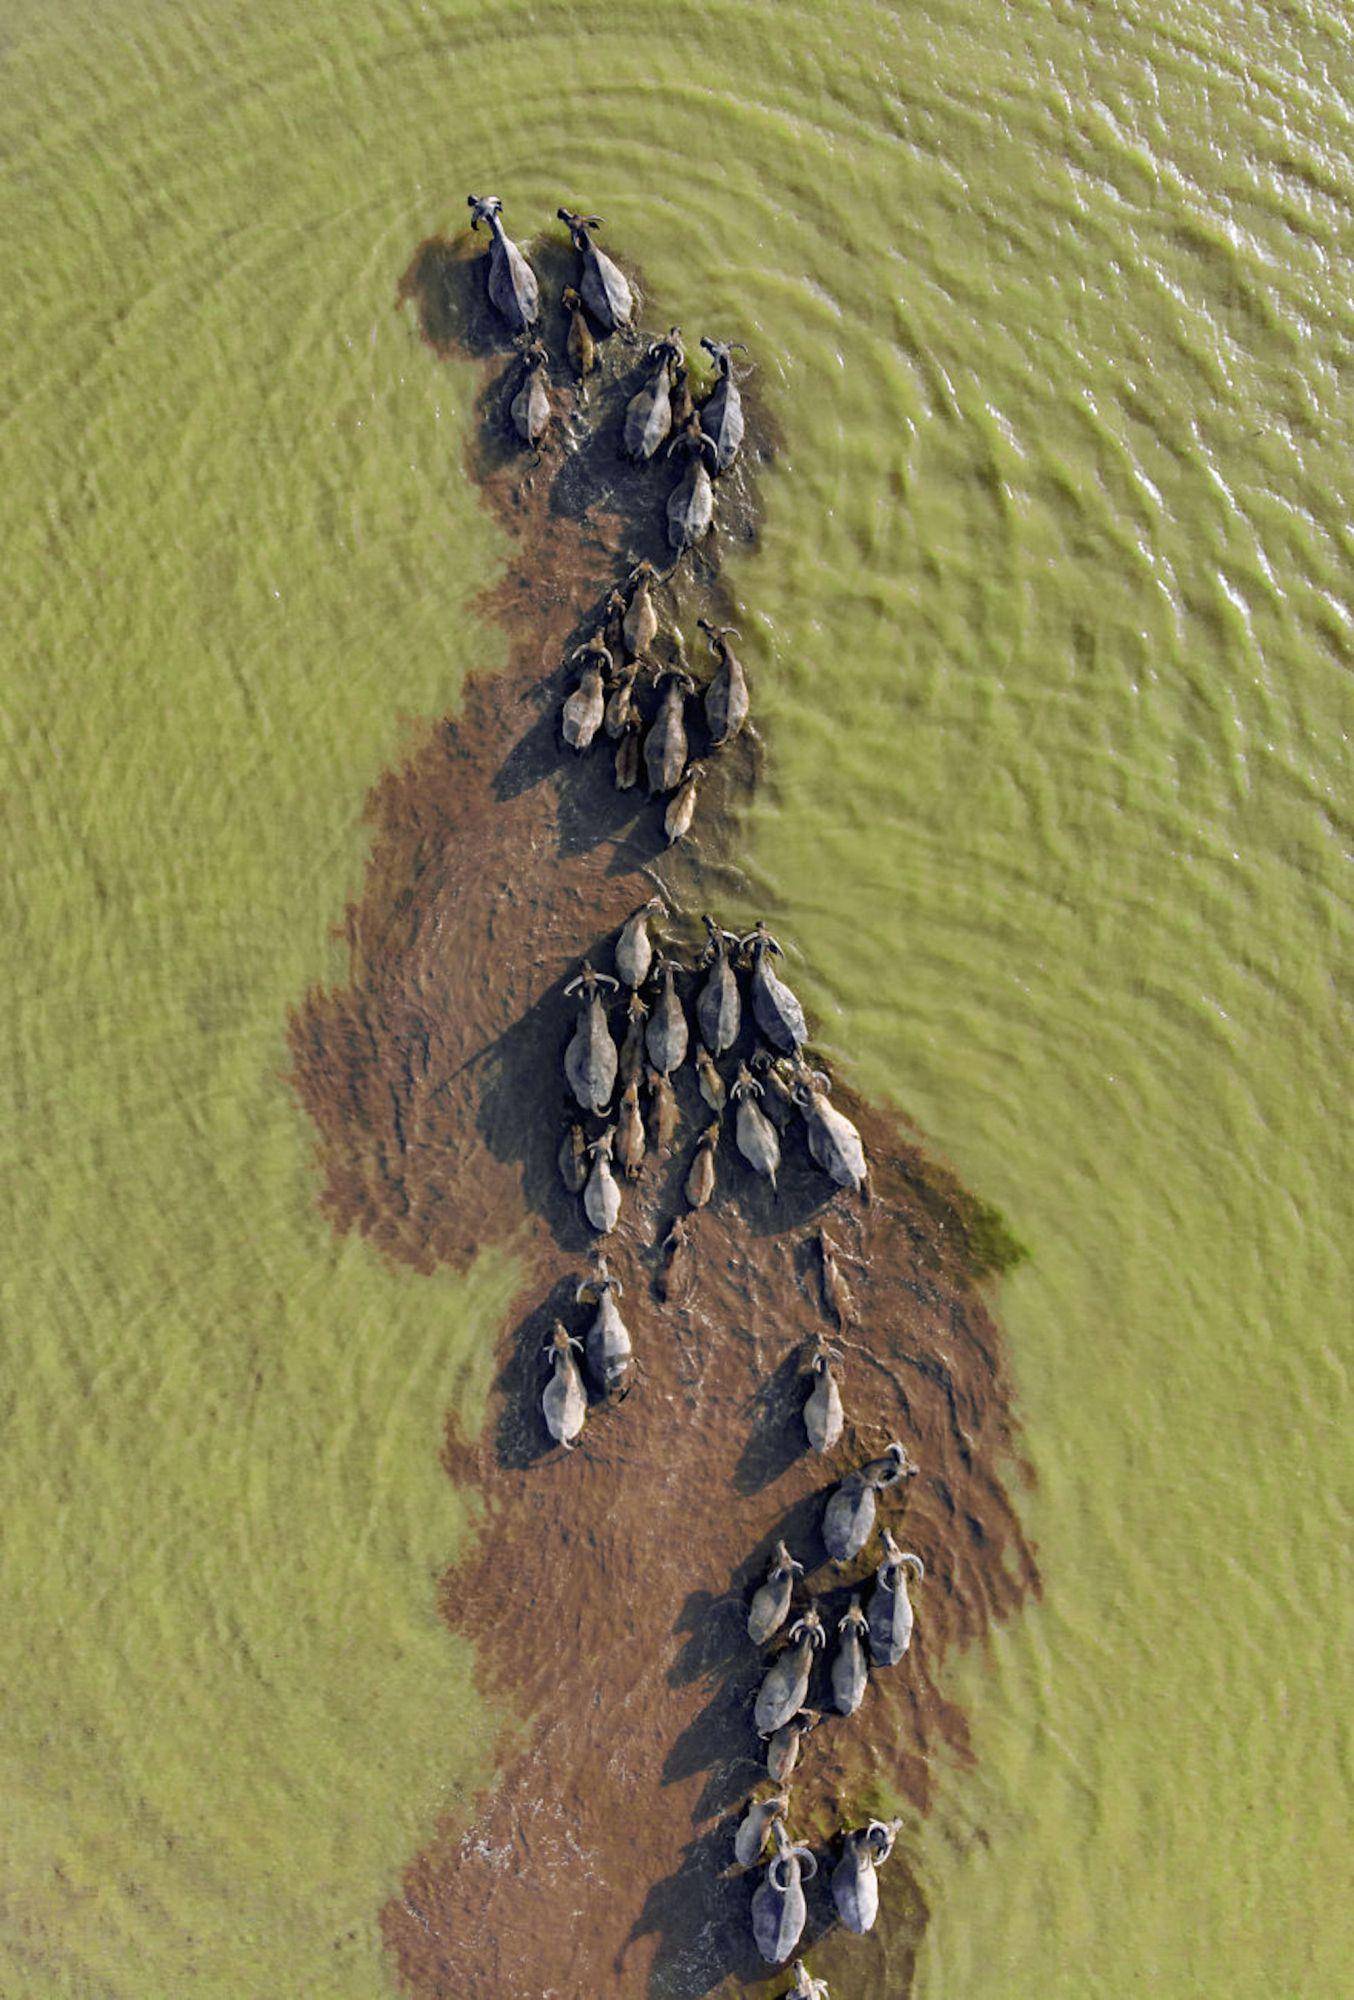 Búfalos dentro de água em Pleiku, no Vietnã